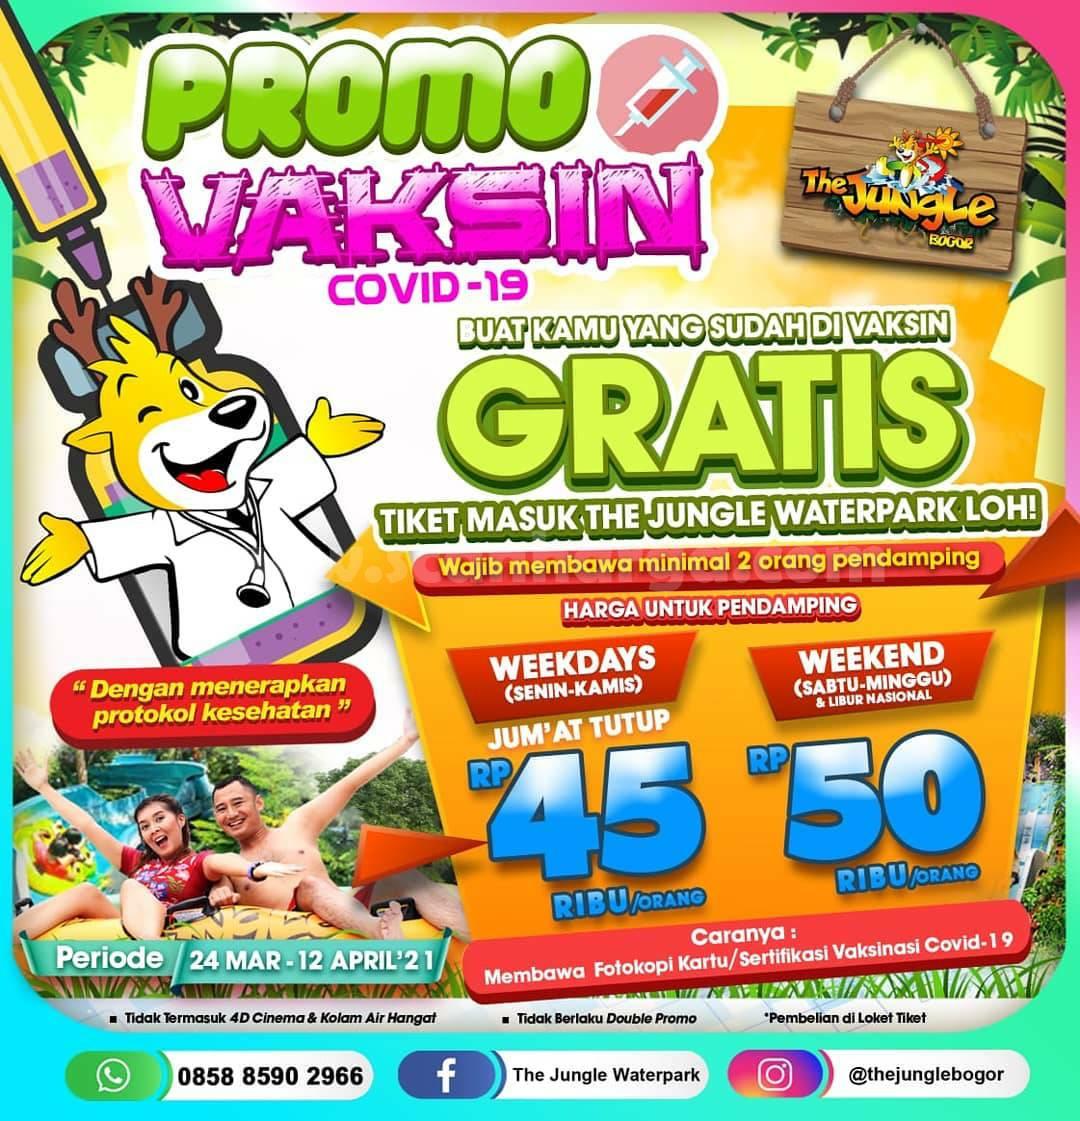 THE JUNGLE Bogor Promo VAKSIN COVID-19 - GRATIS Masuk dengan Sertifikat Vaksinasi